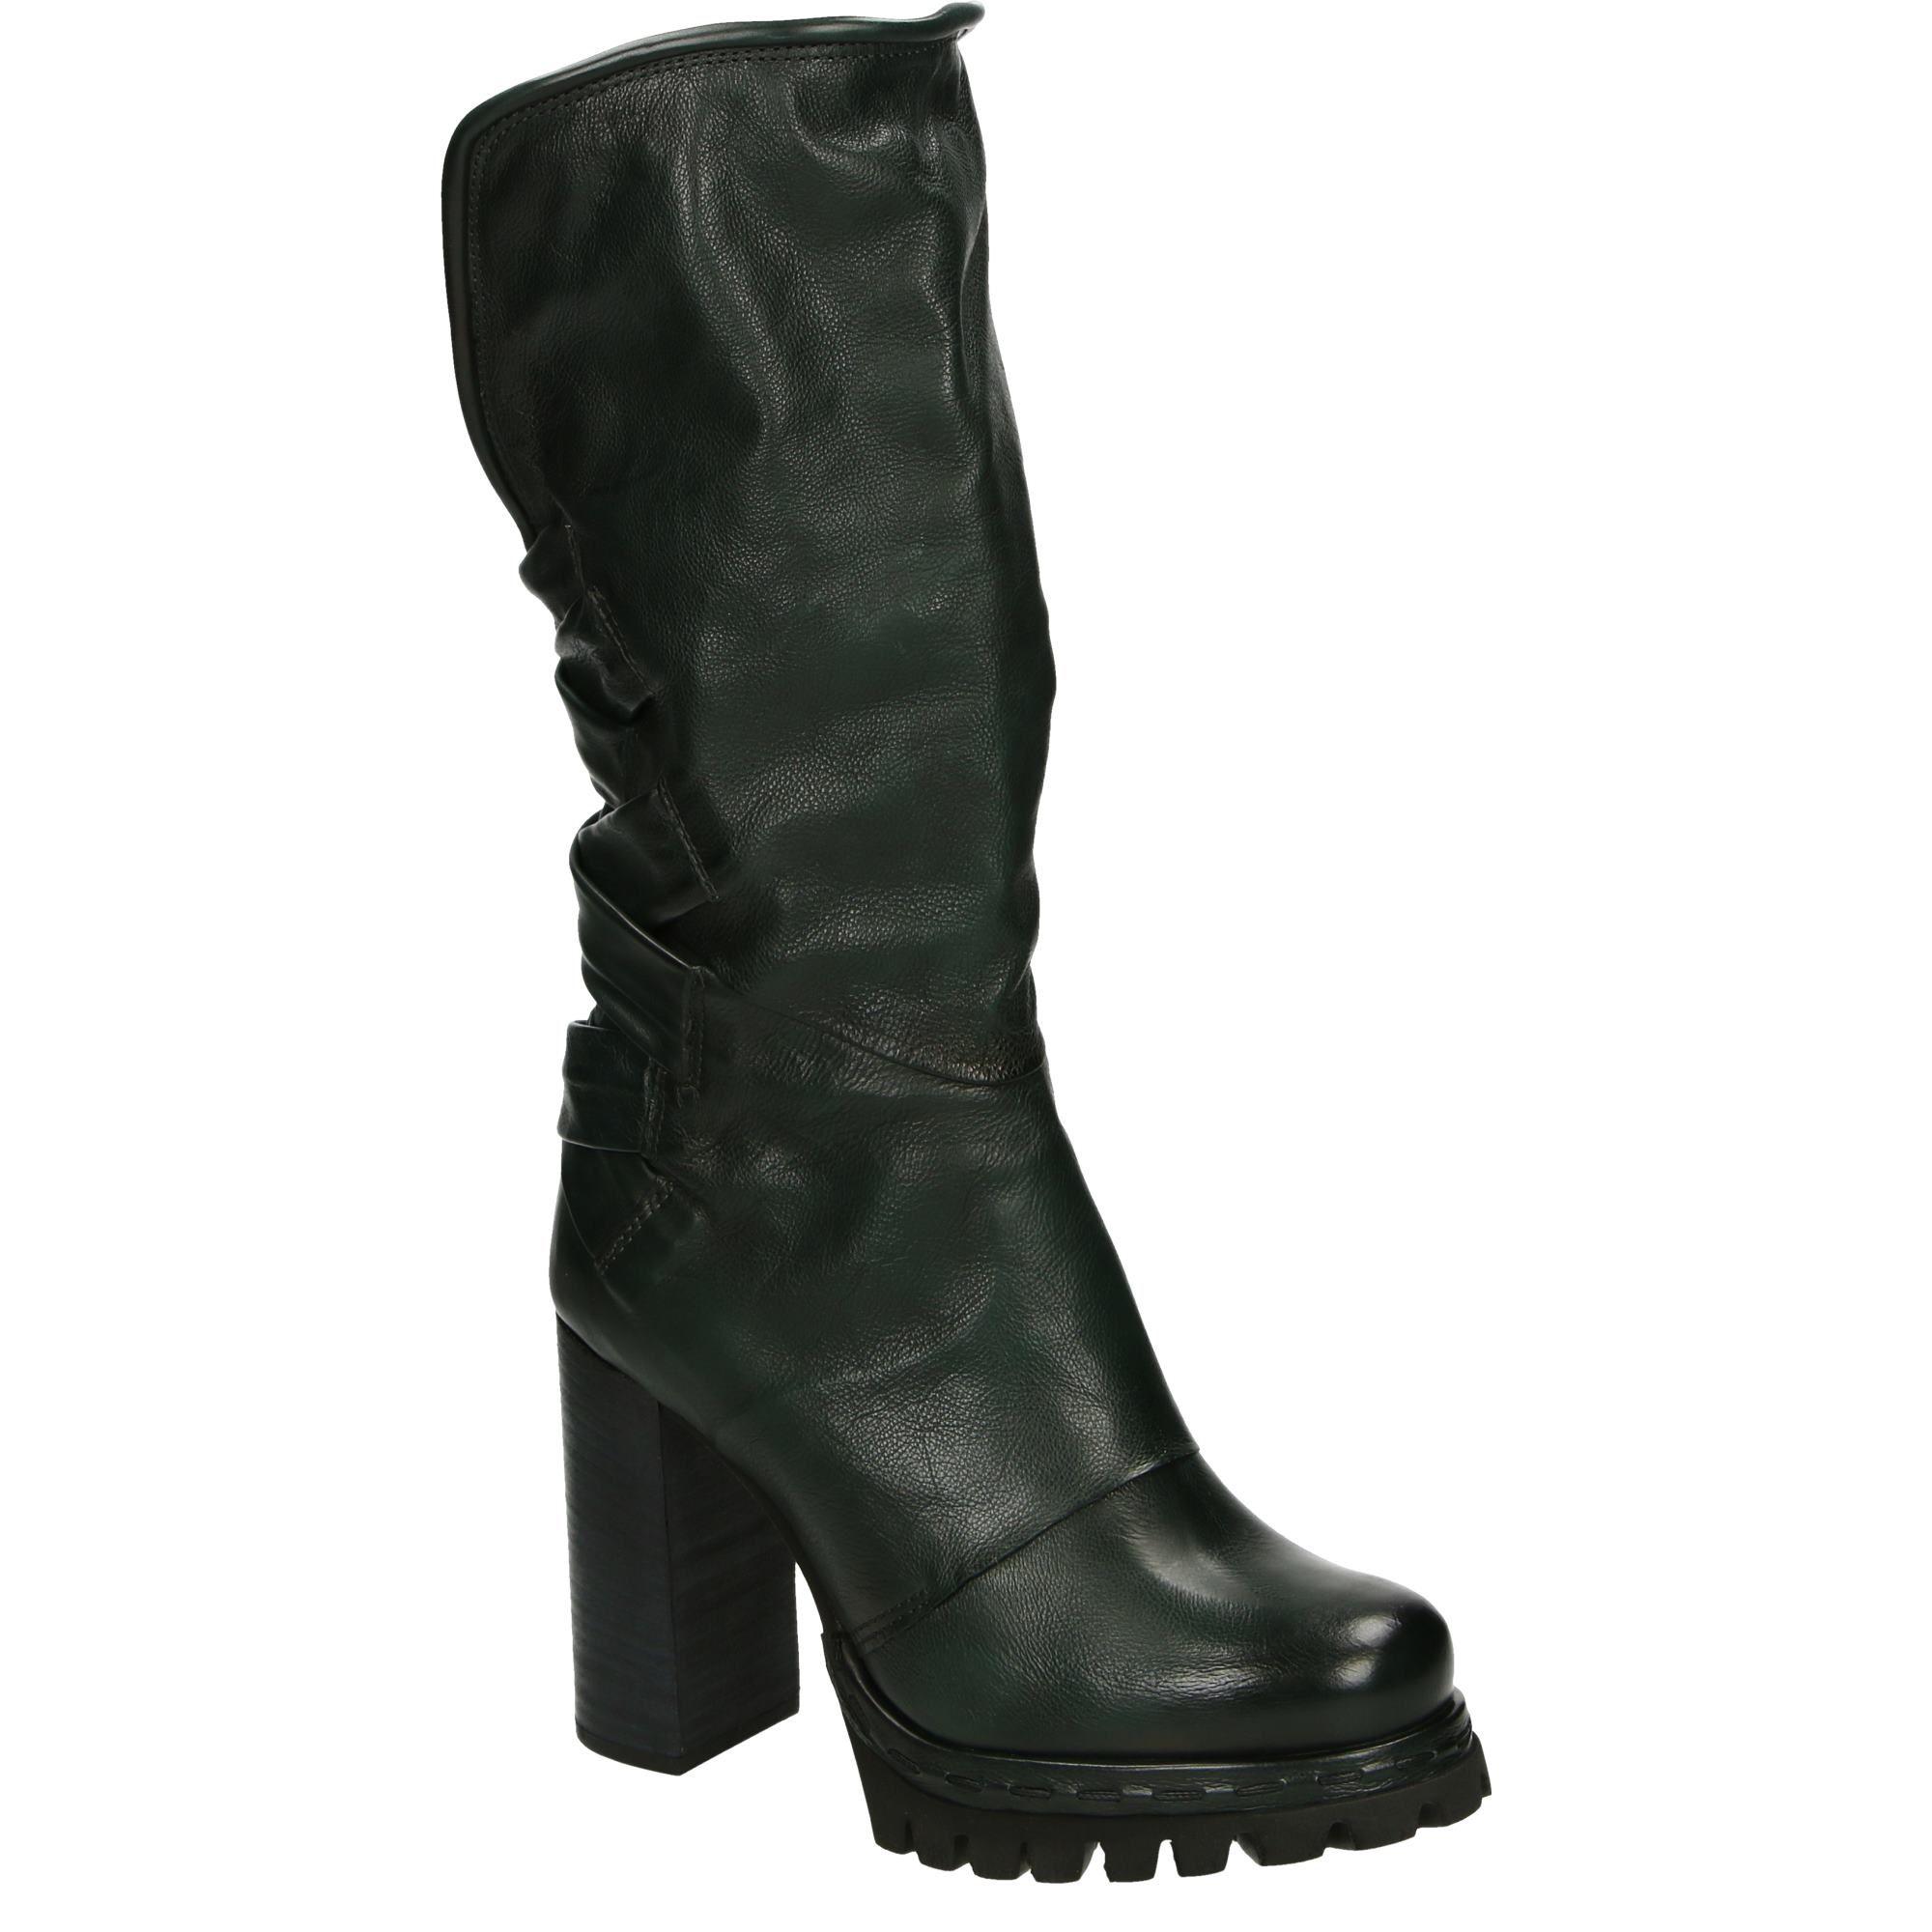 Venezia Firmowy Sklep Online Markowe Buty Online Obuwie Damskie Obuwie Meskie Torby Damskie Kurtki Damskie Heels Heeled Boots Ankle Boot